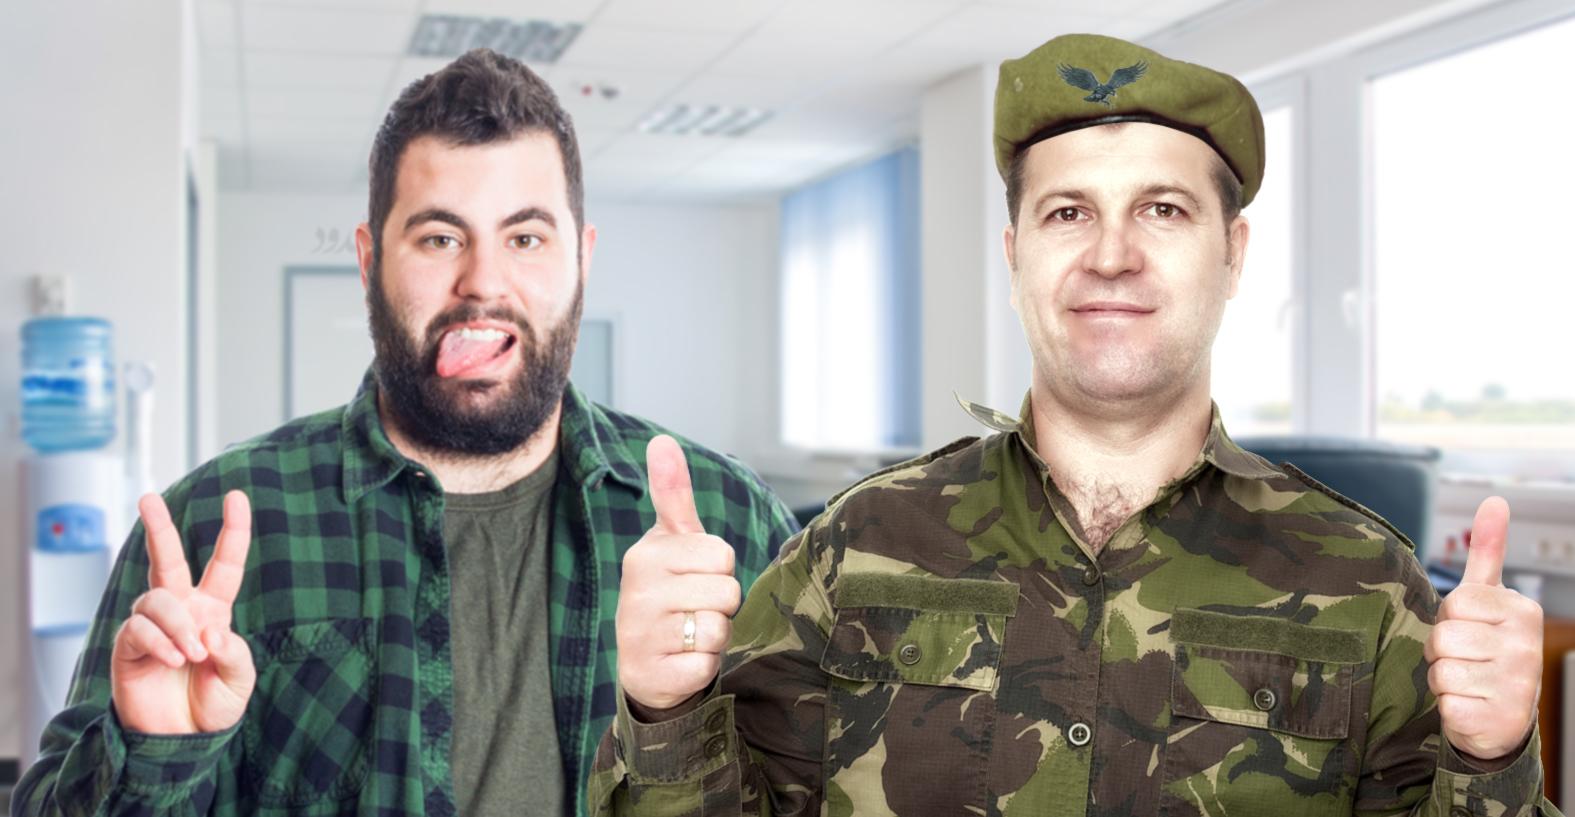 صورة الدفاع المدني ينجح بفصل لسان موظف عن مؤخرة مديره